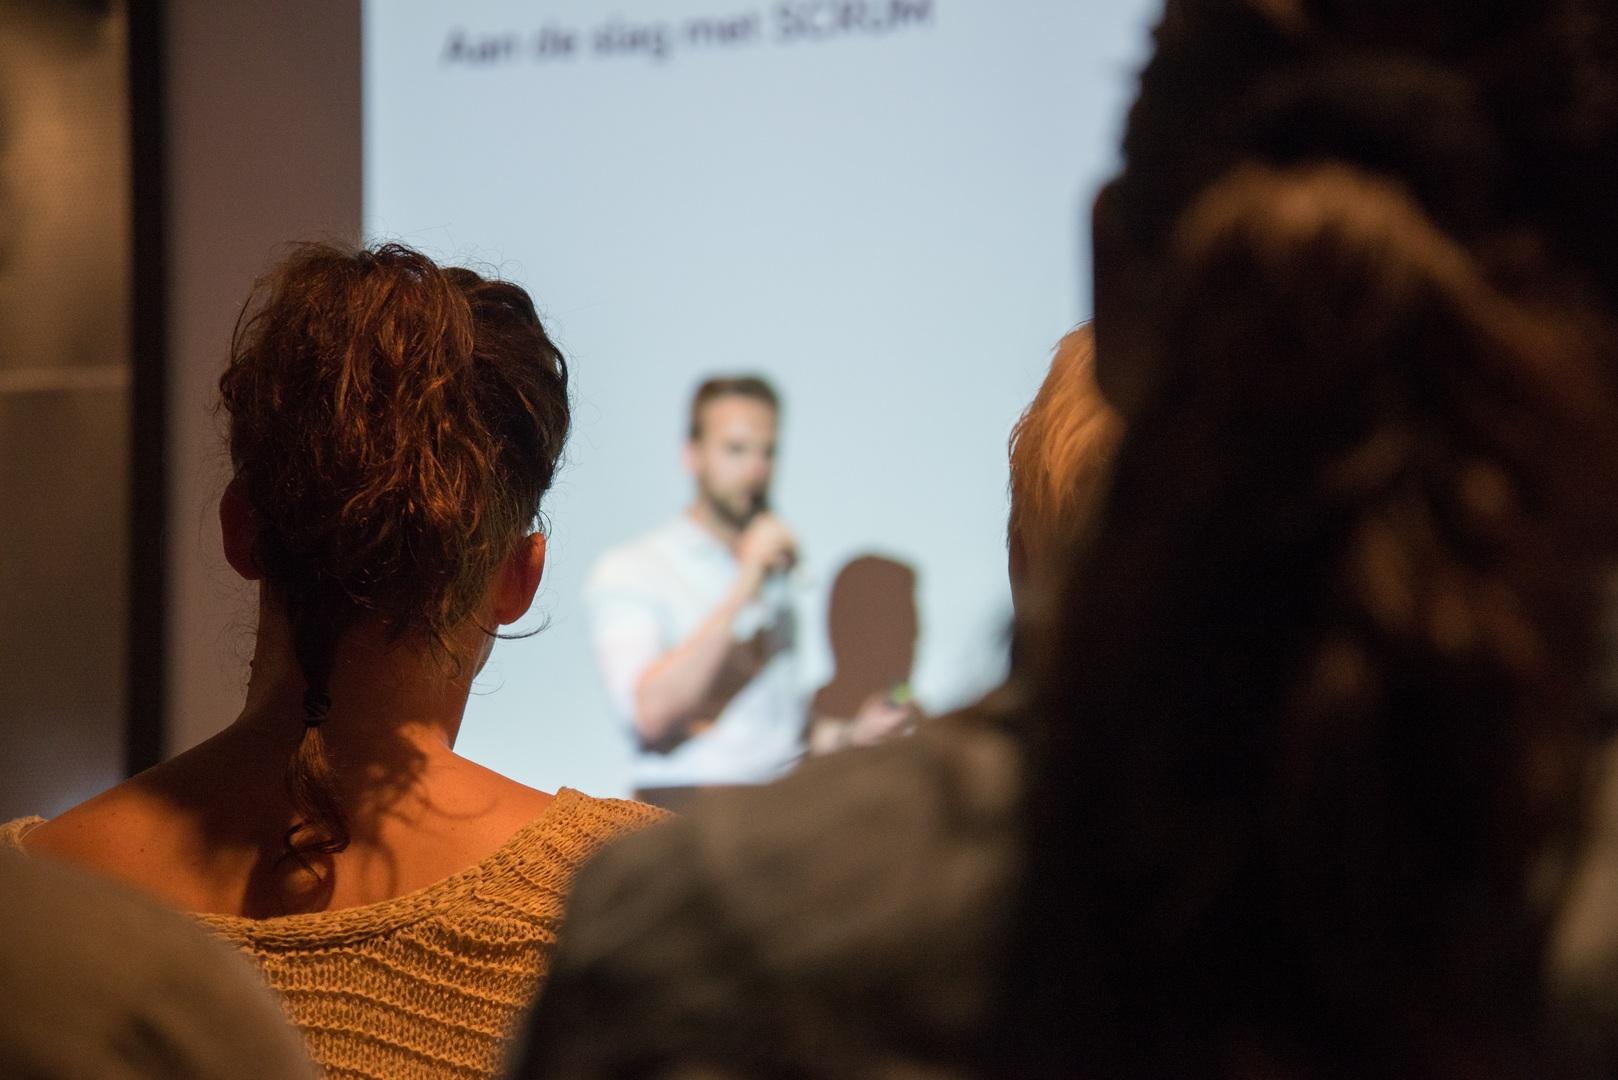 Mann Som Holder Foredrag - Sett Fra En Plass I Publikum